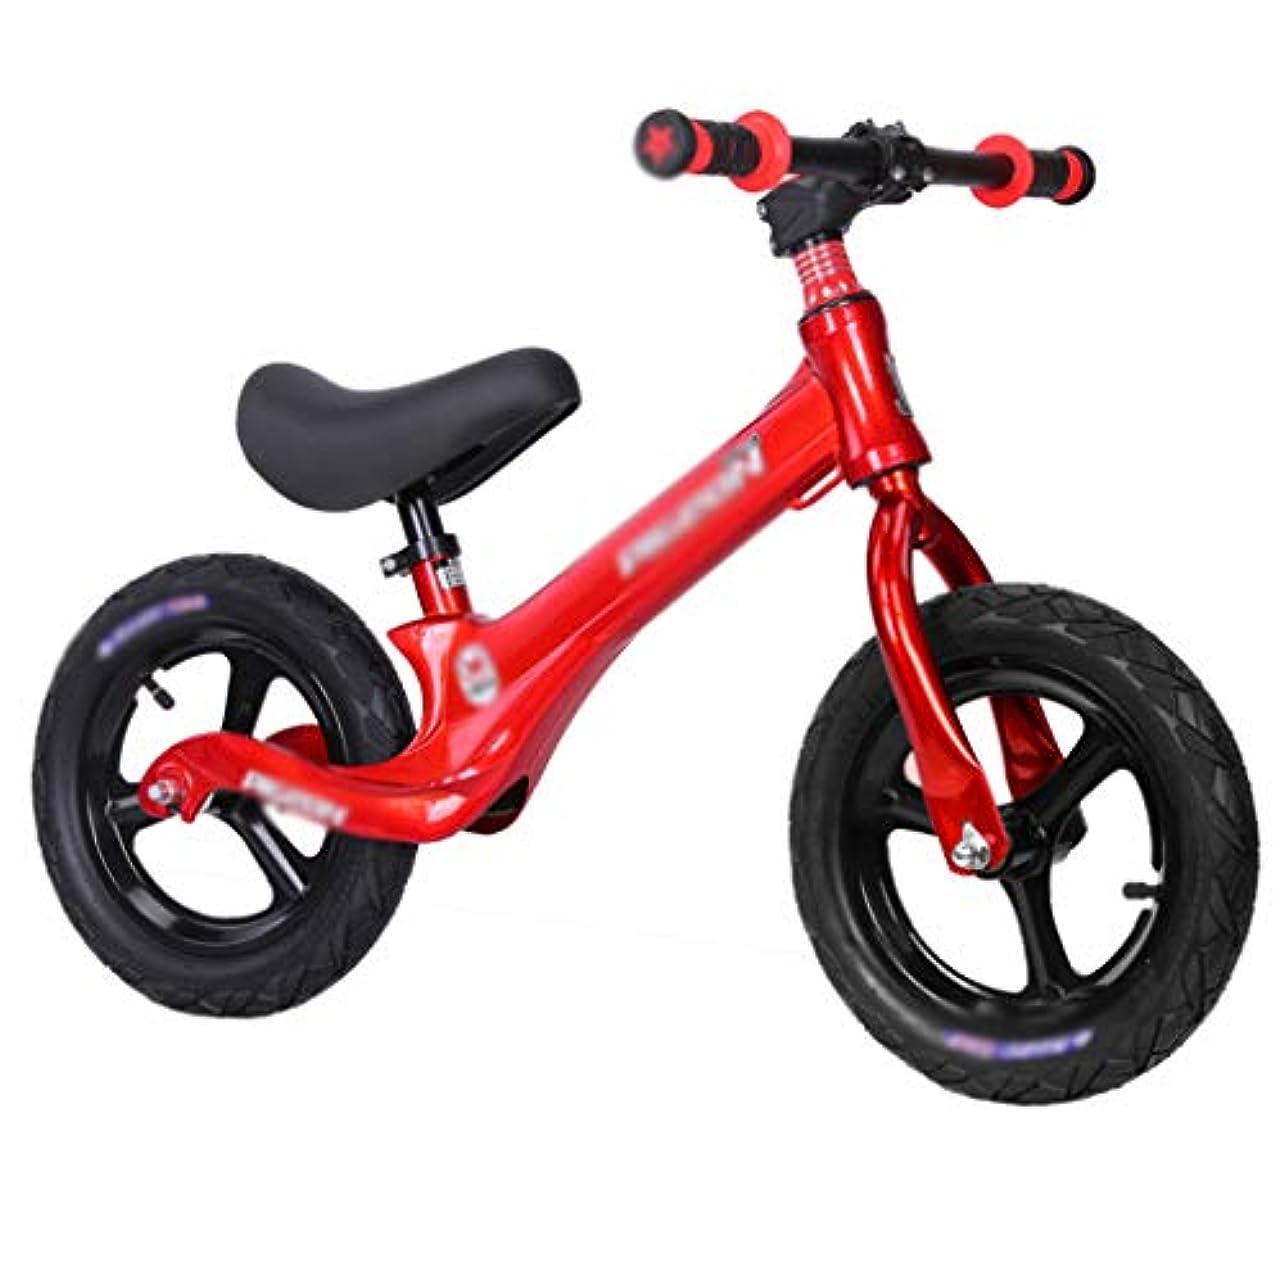 ファイアル親指解決12インチキッズバランスバイク乗用玩具およびゲーム幼稚園前のおもちゃの車ファストレーシング子供用ウォーキング自転車スポーツ誕生日ギフト2?6歳